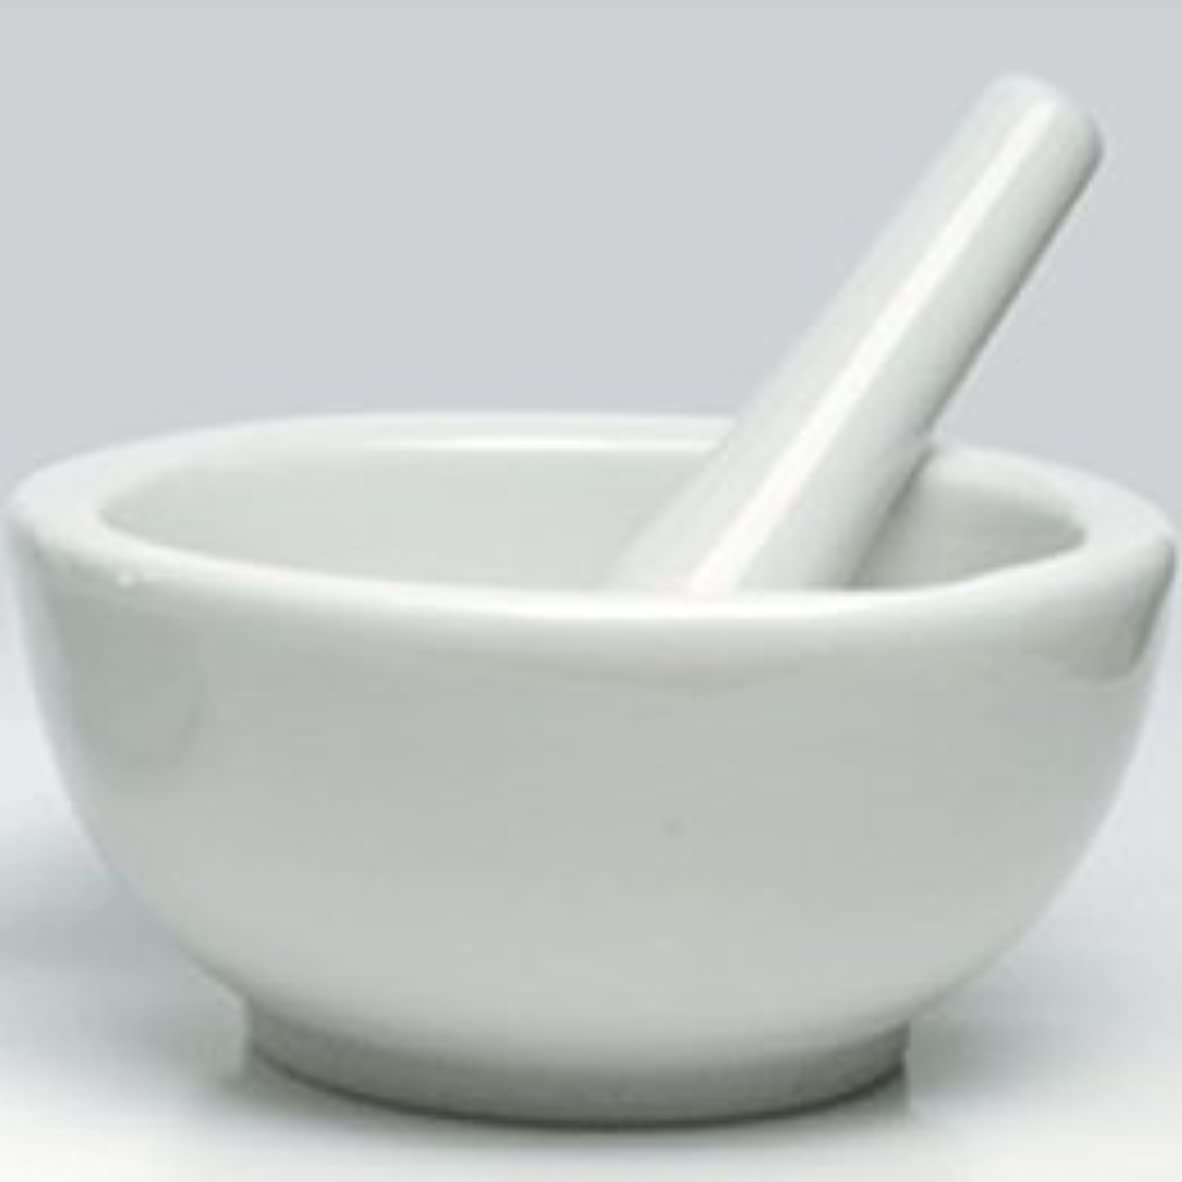 採用するデイジー非常に乳鉢L 乳棒付き